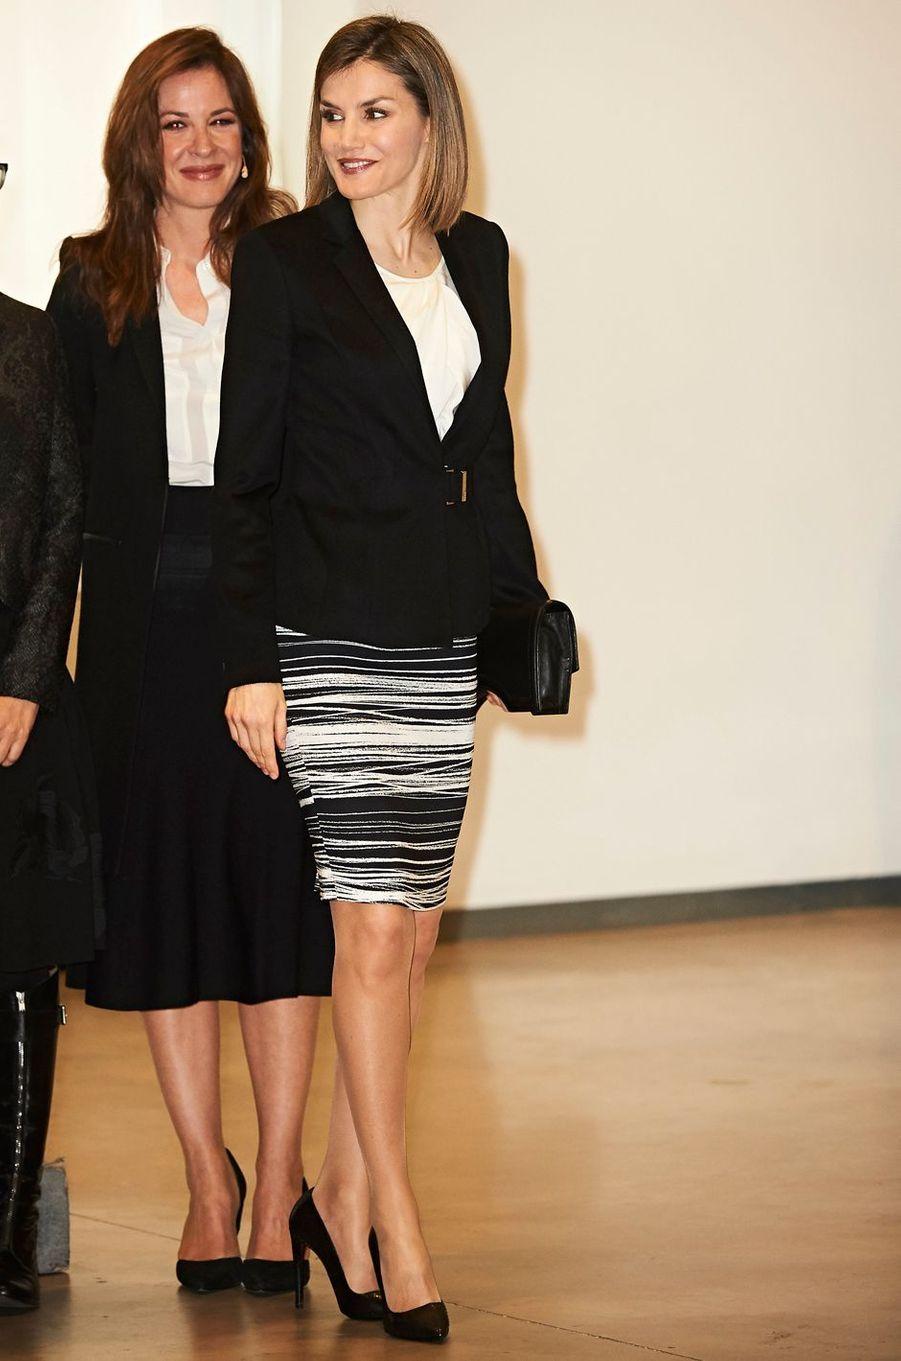 La reine Letizia d'Espagne dans une jupe Hugo Boss le 3 février 2016